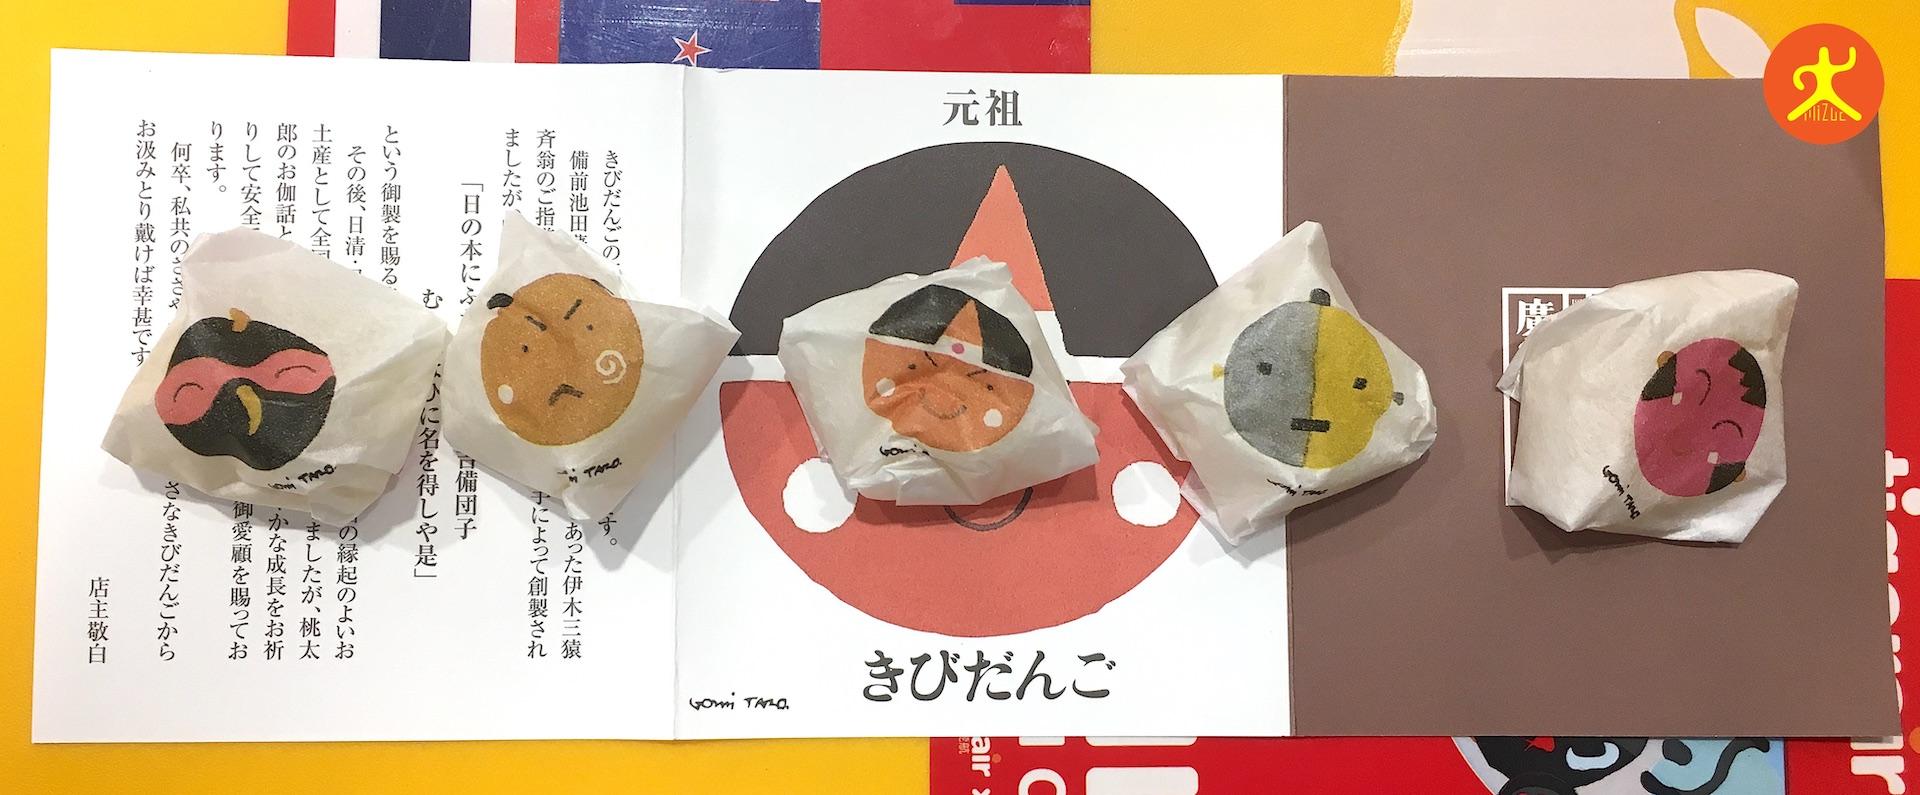 「廣榮堂」元祖桃太郎吉備糰子(きびだんご)/日本岡山伴手禮